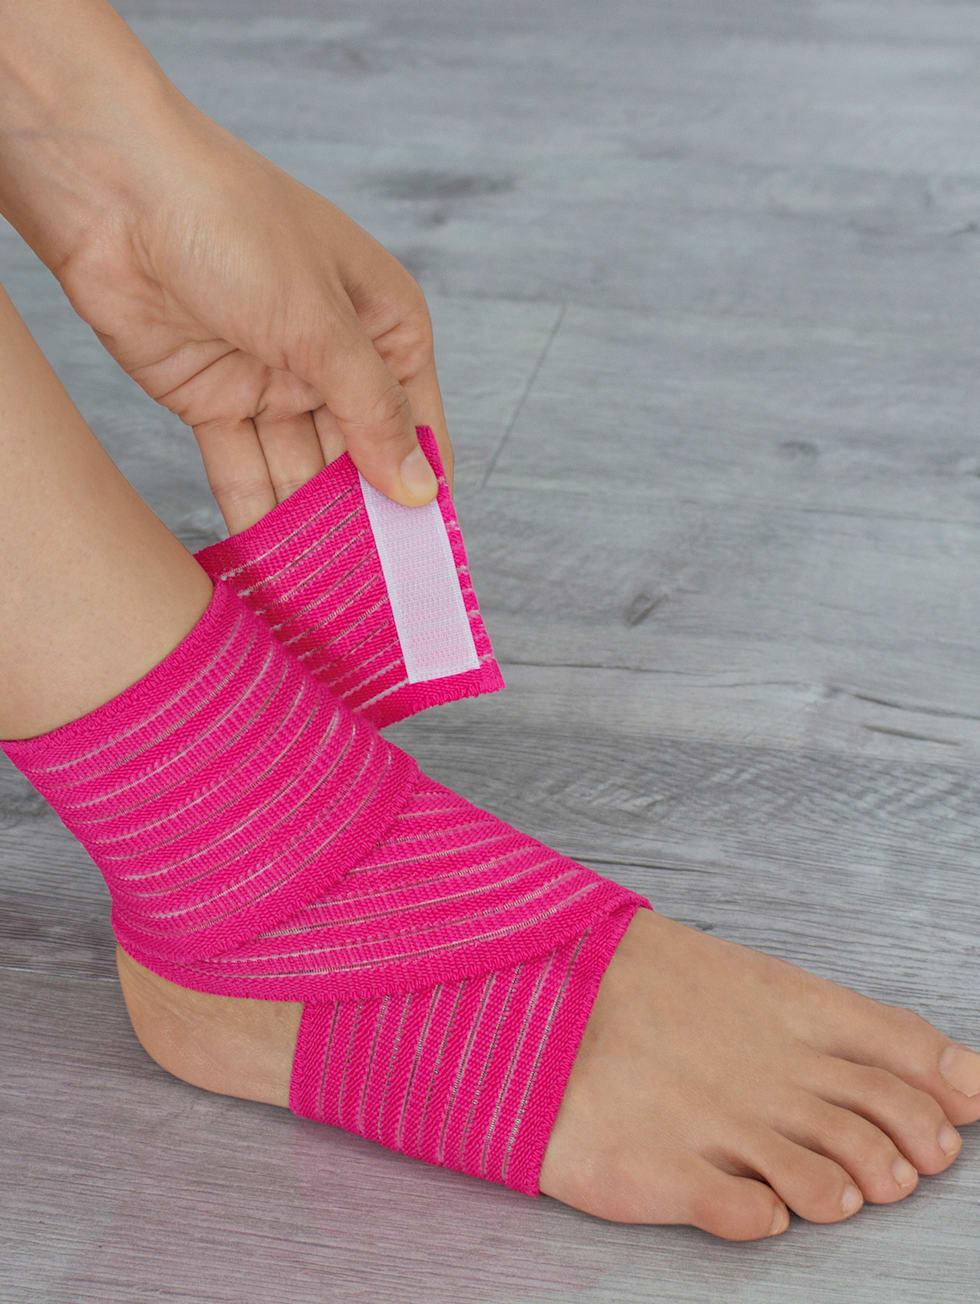 Wellsana Bandages